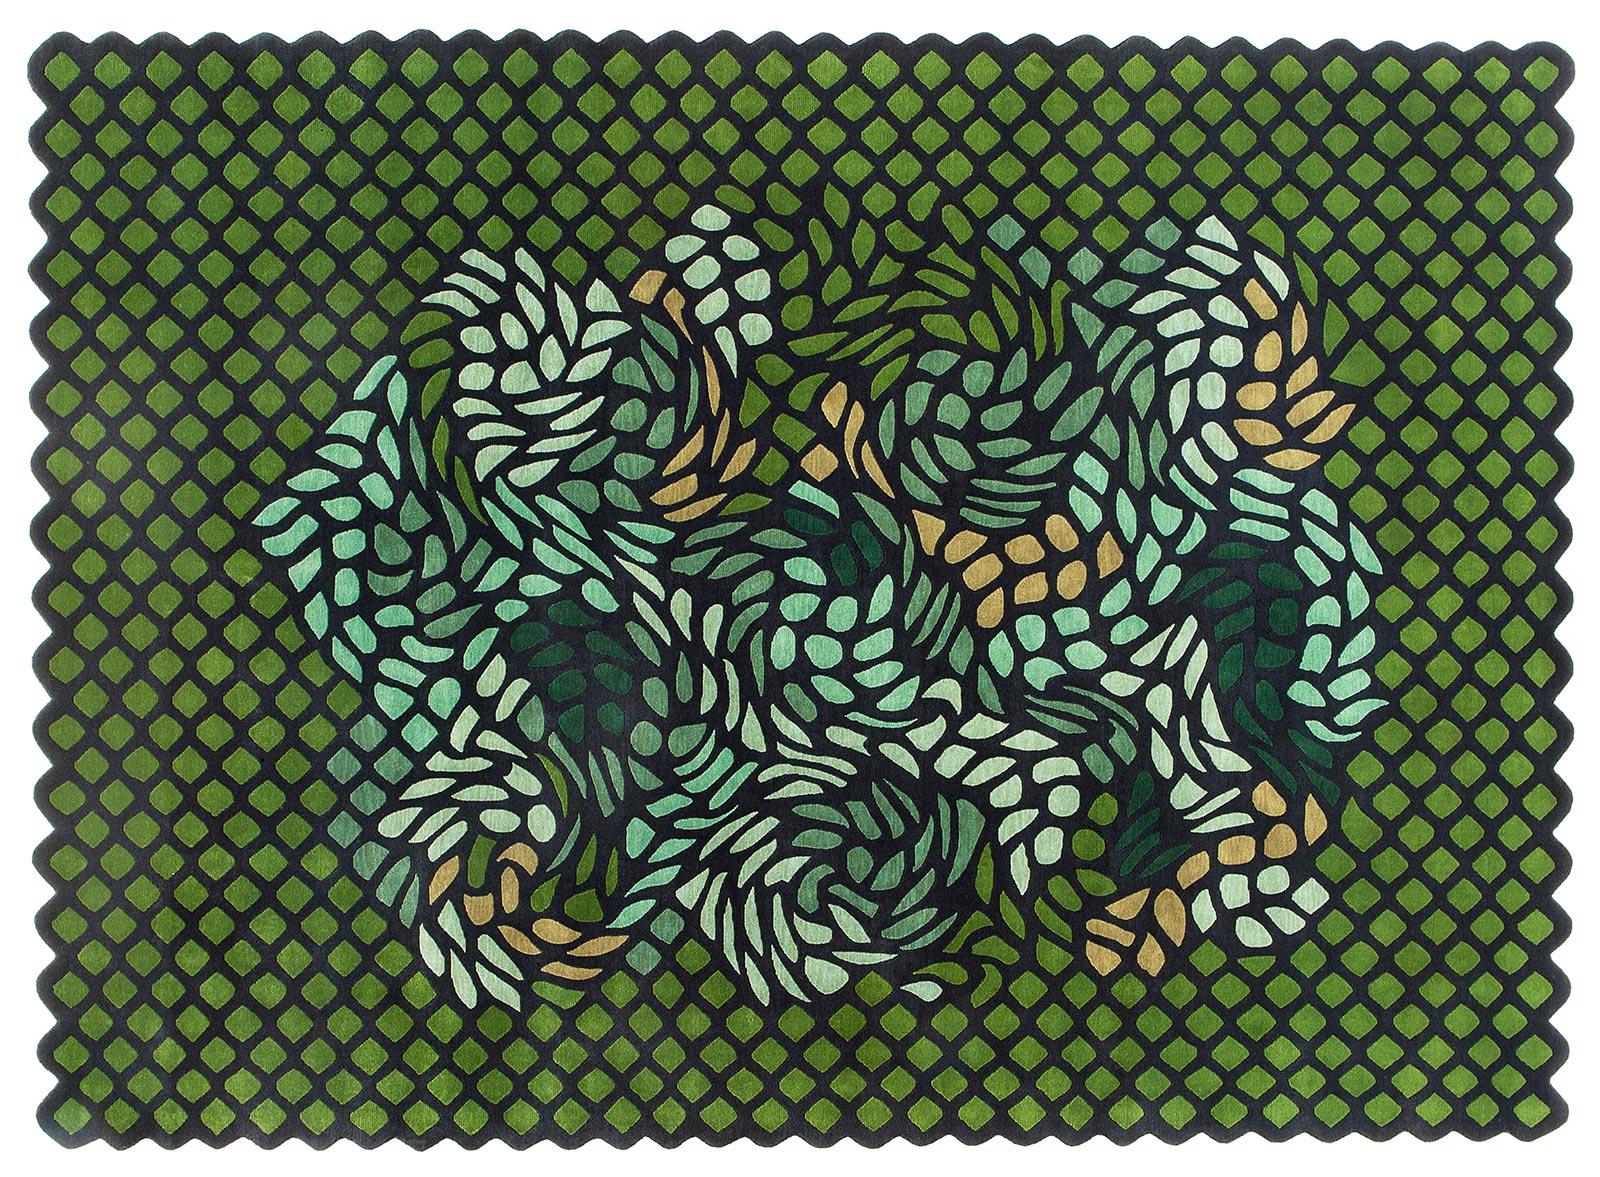 I tappeti persiani di Gorlan Maison Objet Paris: collezione Garden of Eden di India Mahdavi